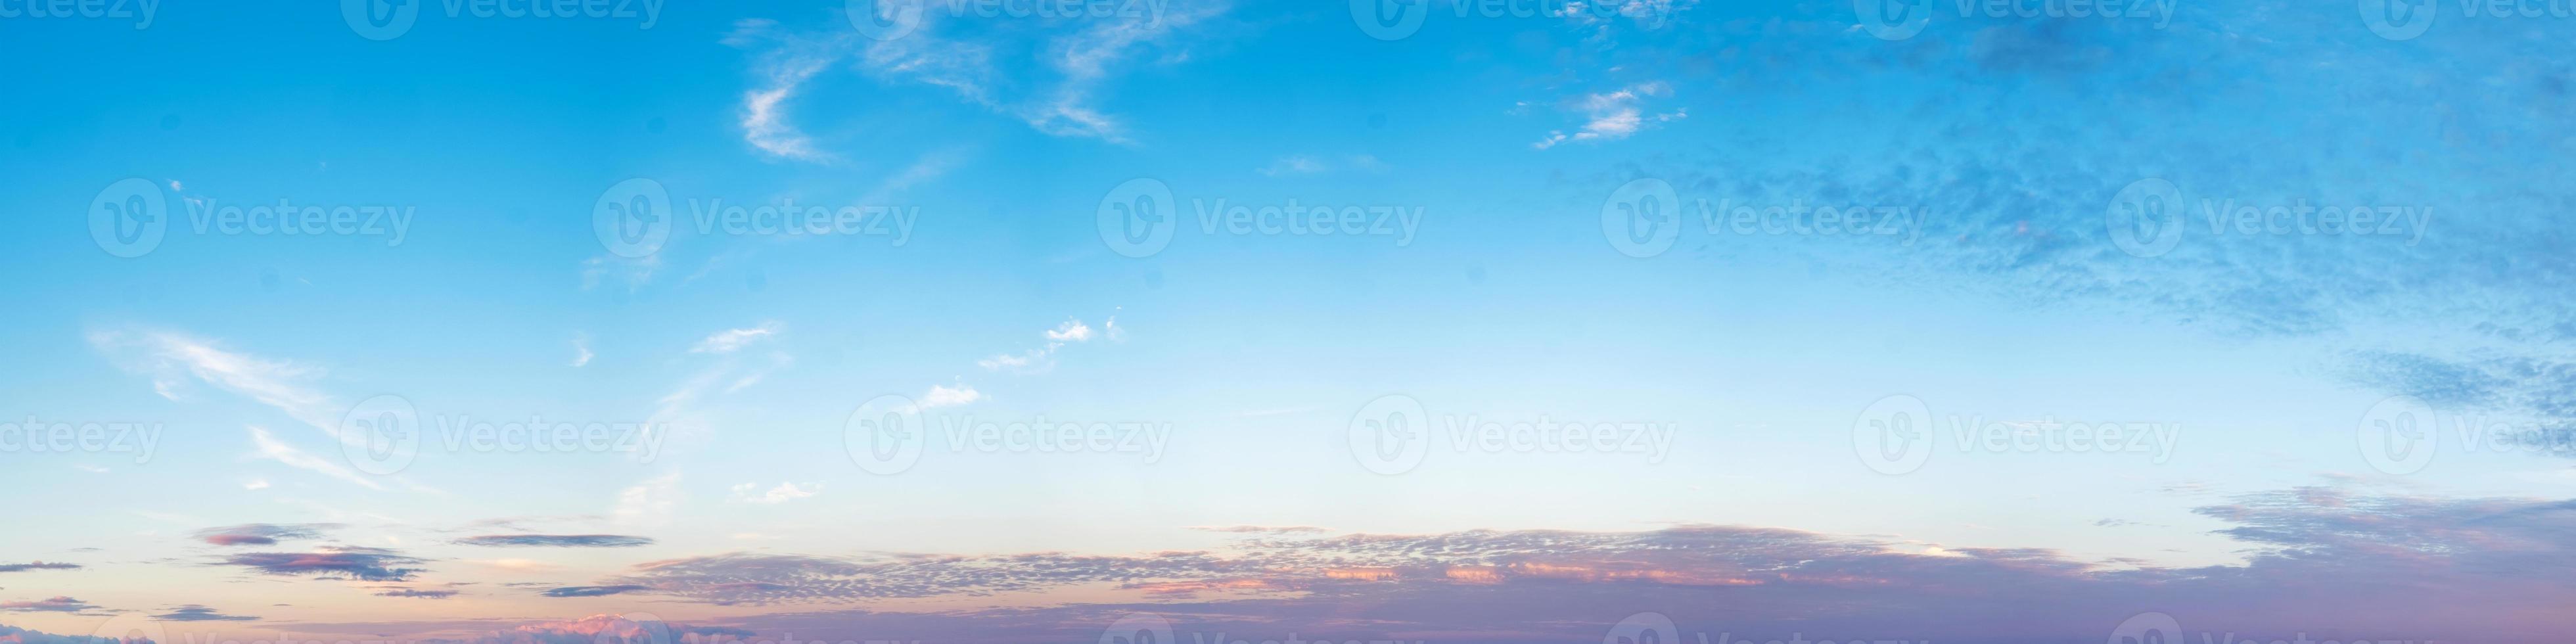 cielo con nuvole in una giornata di sole foto